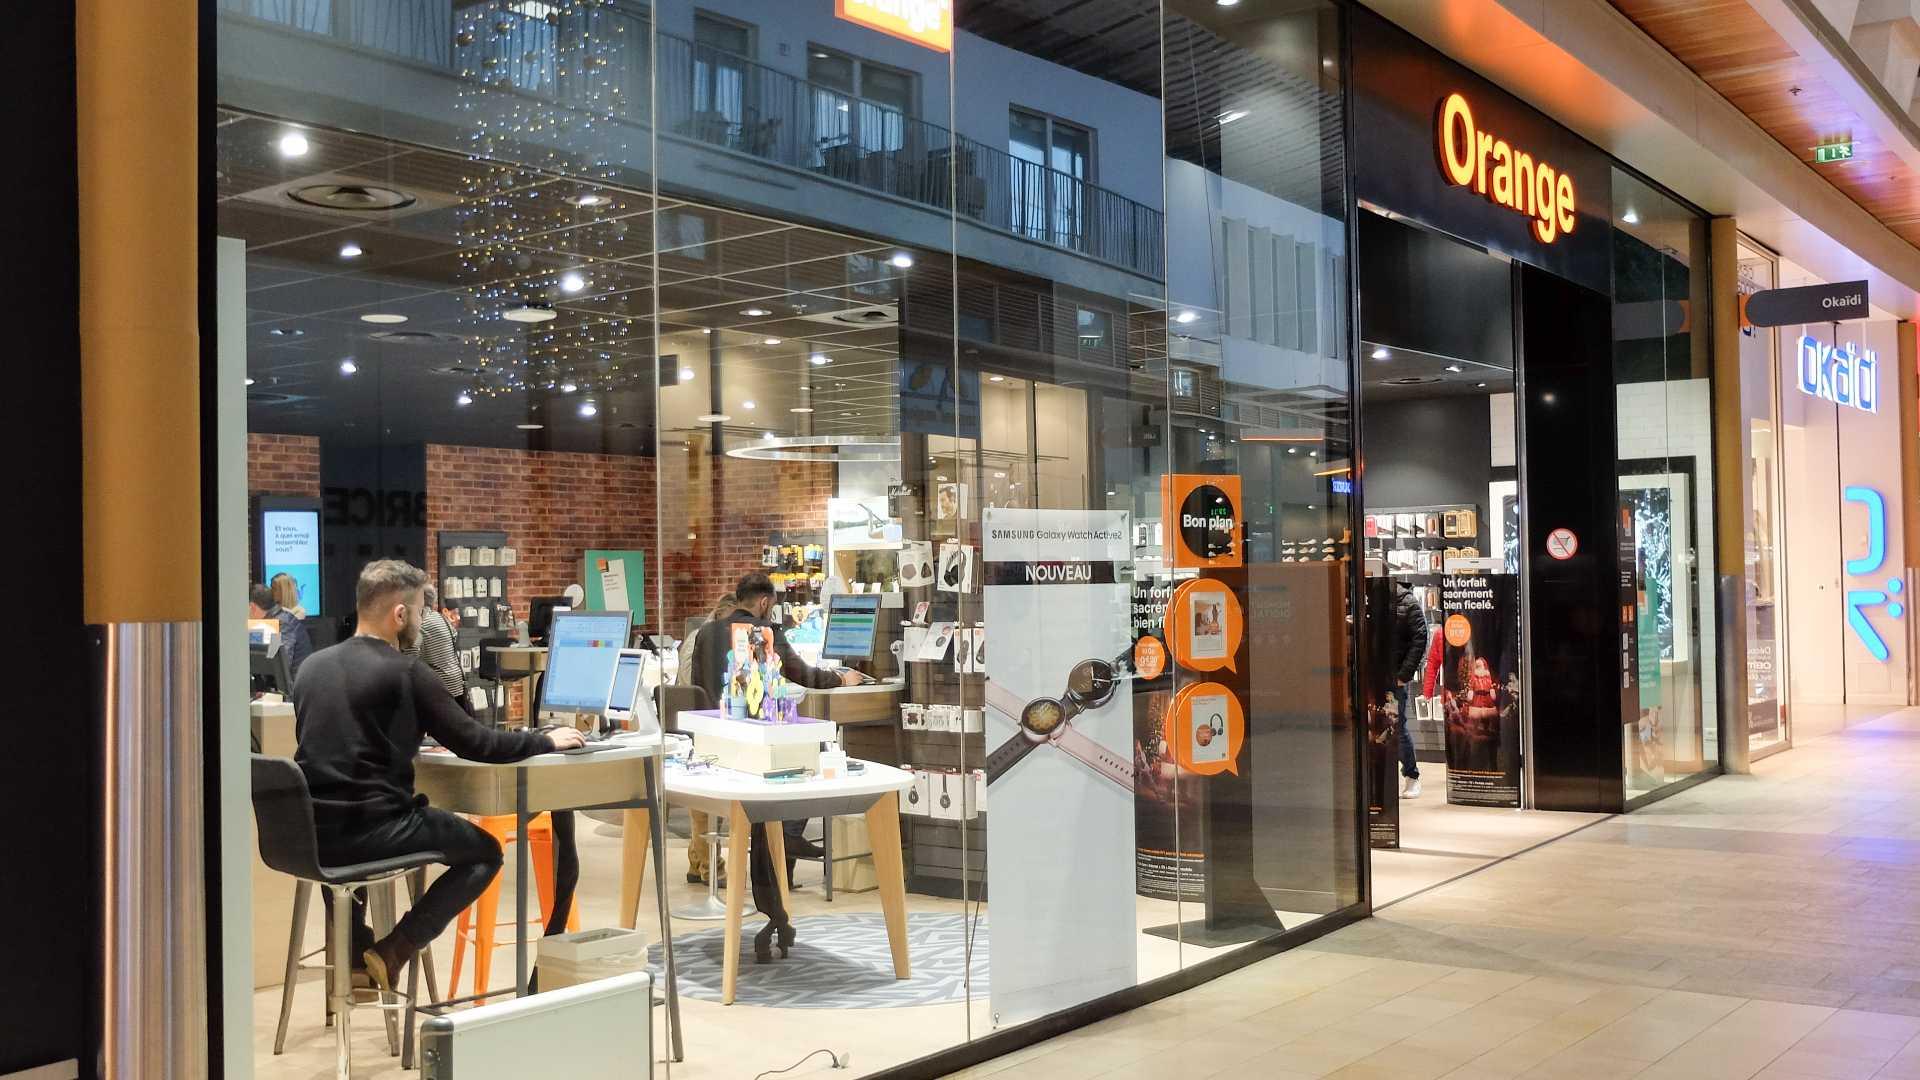 An Orange storefront in France